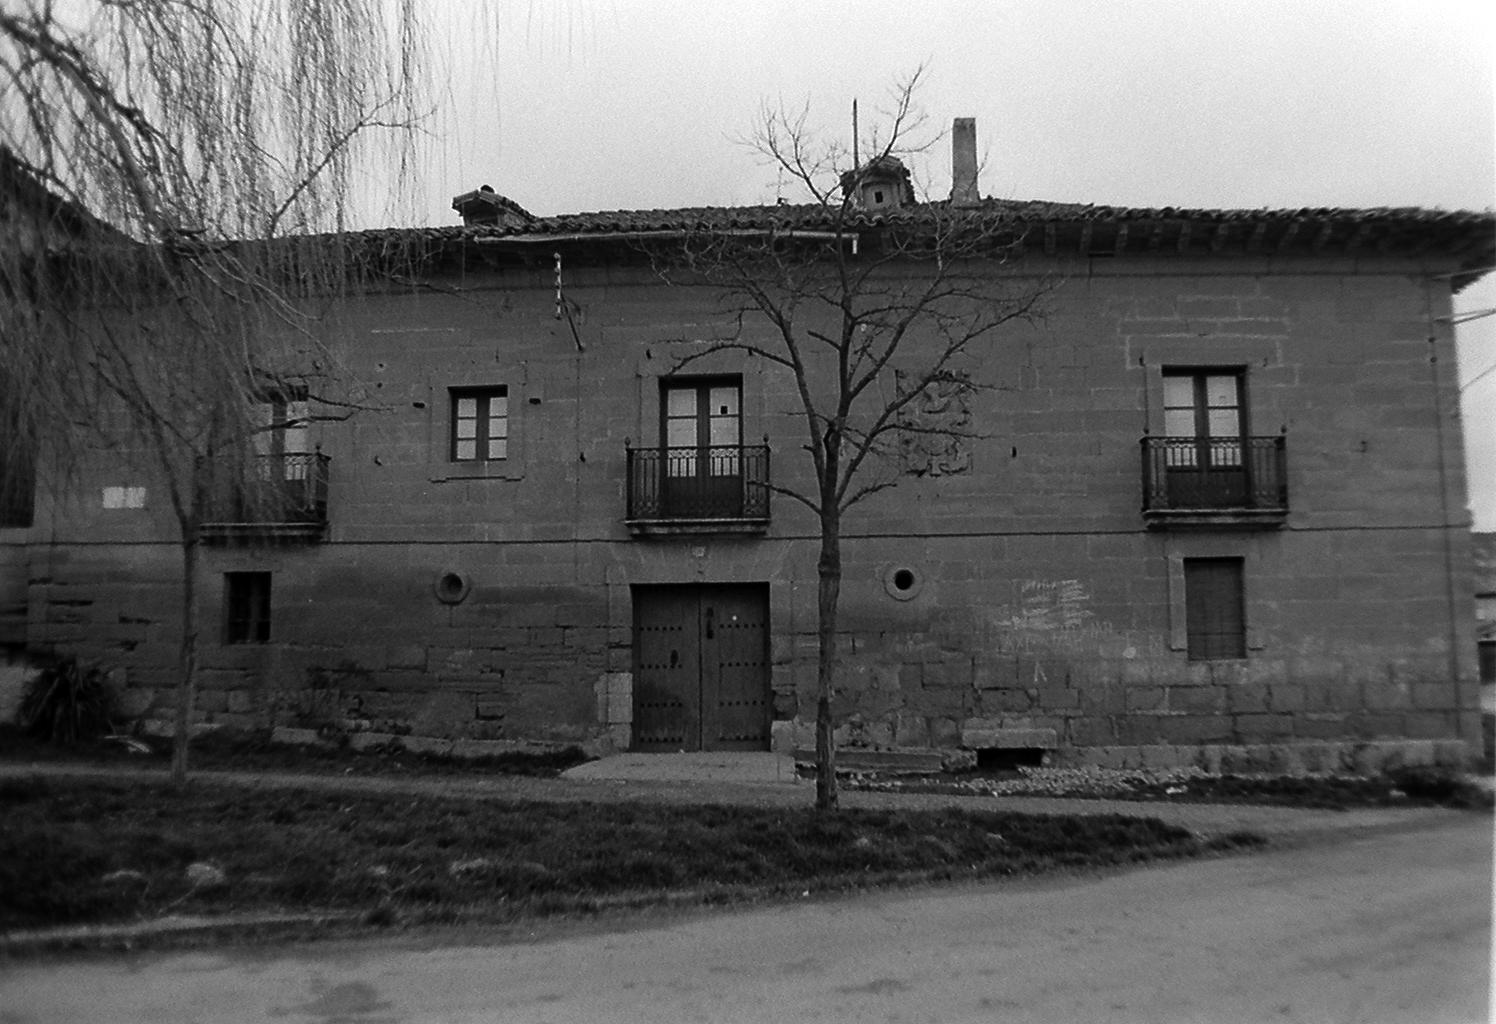 Casas solariegas en la rioja 3 altable i - Casas prefabricadas la rioja ...